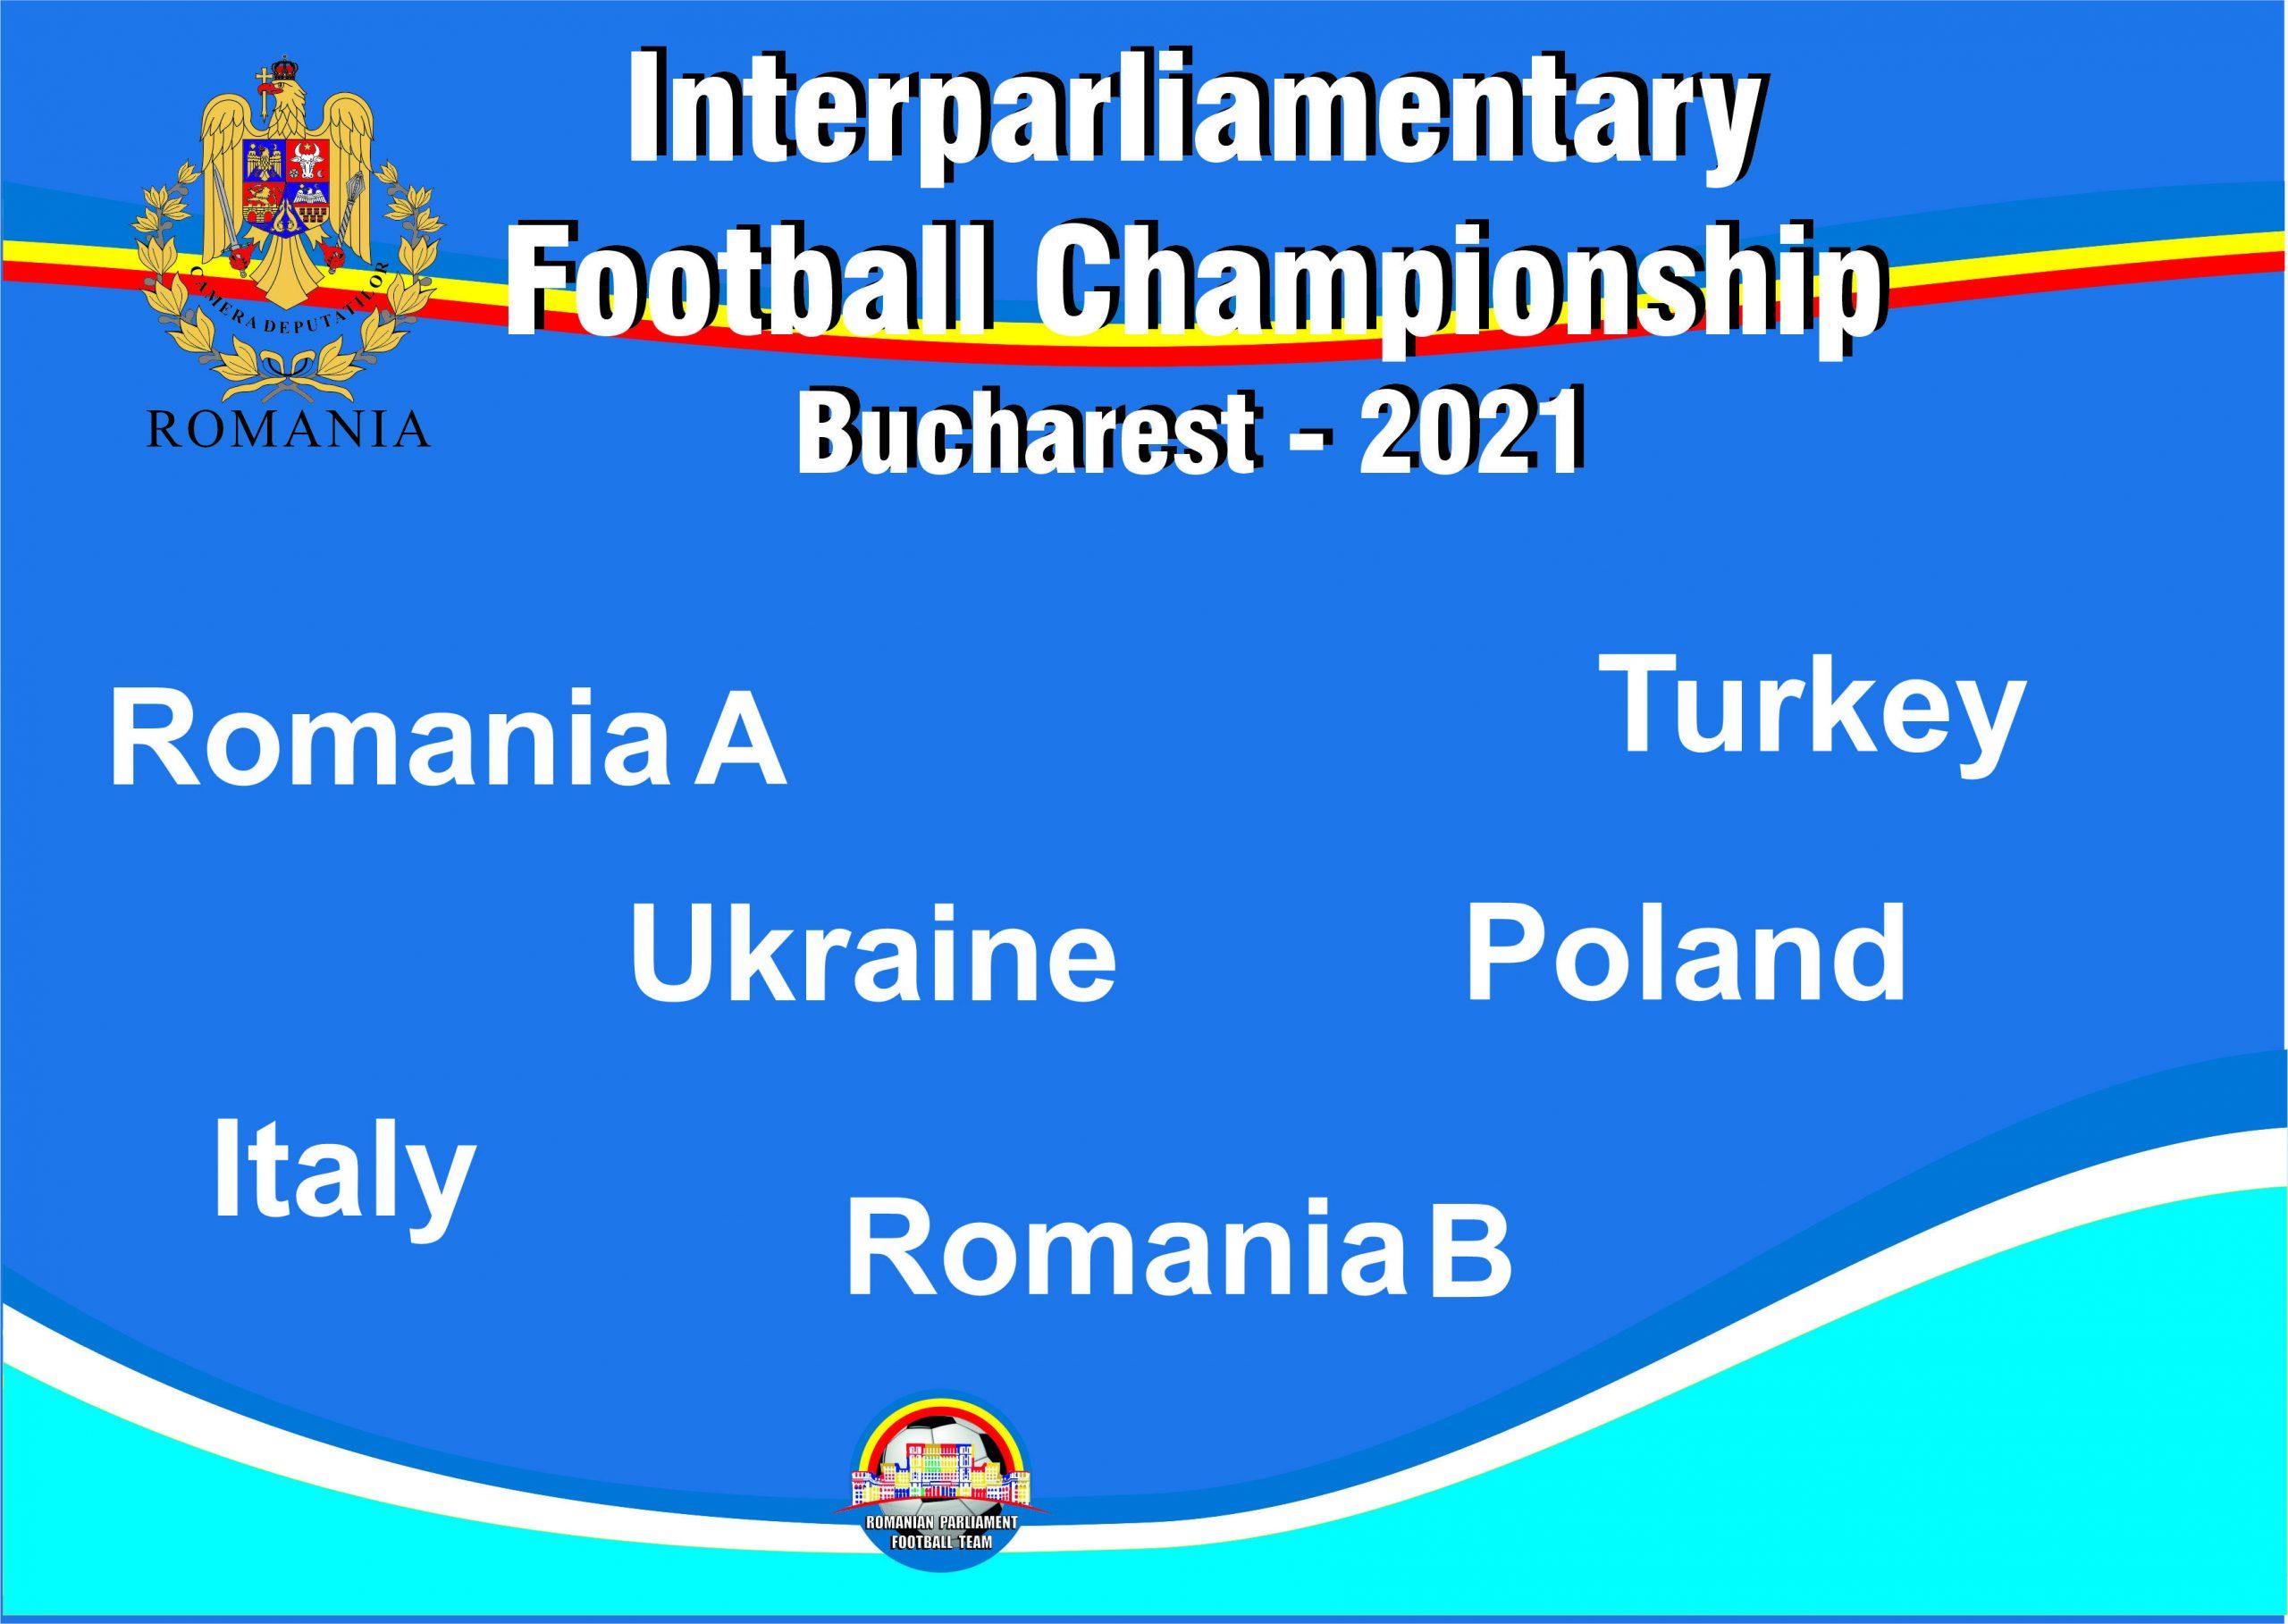 Bucharest 2021